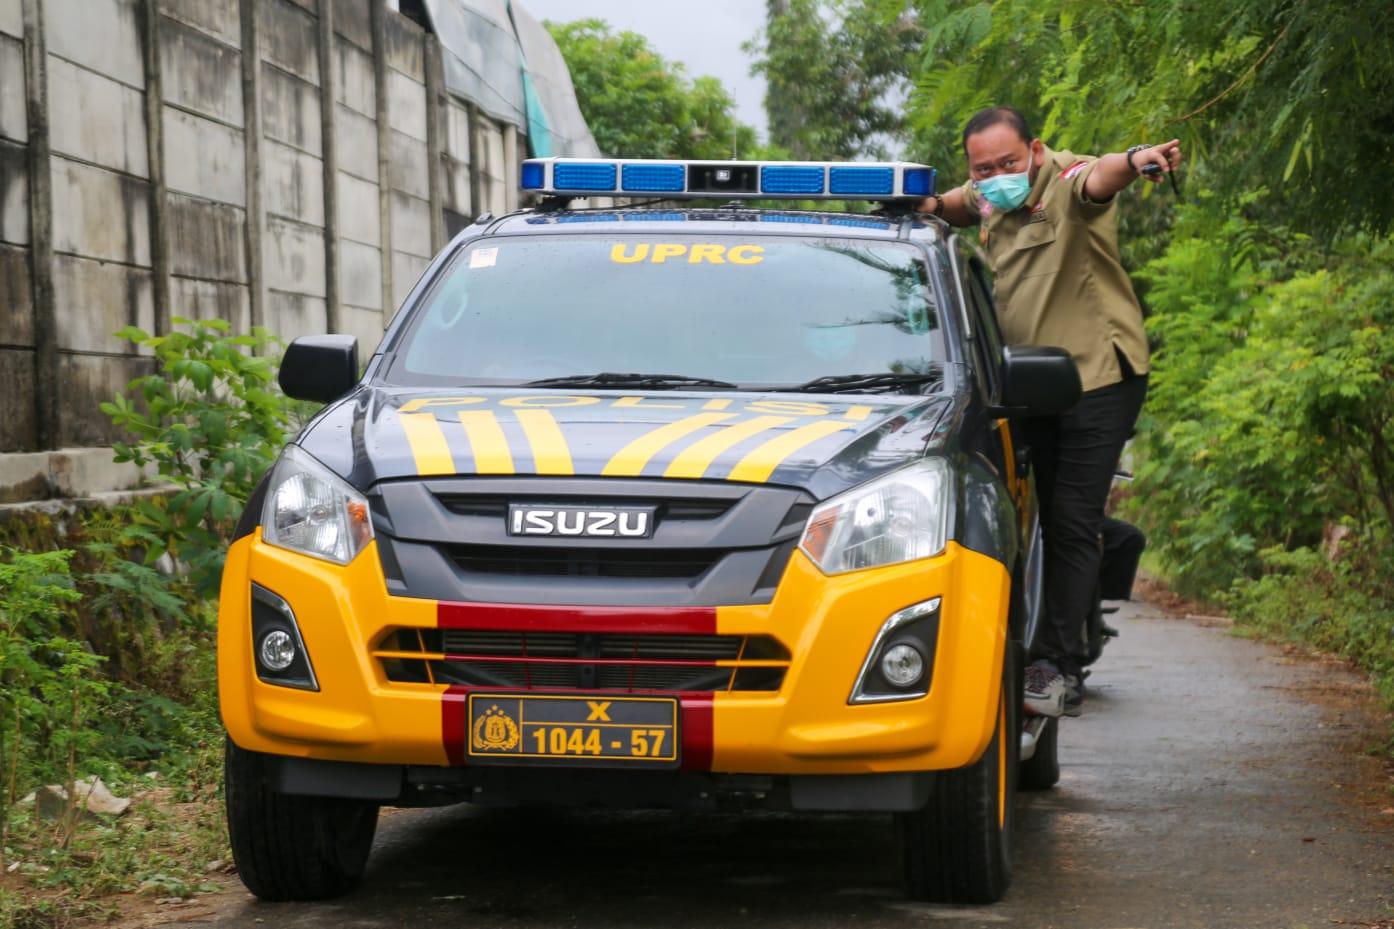 Mensos Tinjau Kesiapan Rambu dan Titik Kumpul Sementara Saat Bencana di Kabupaten Pacitan